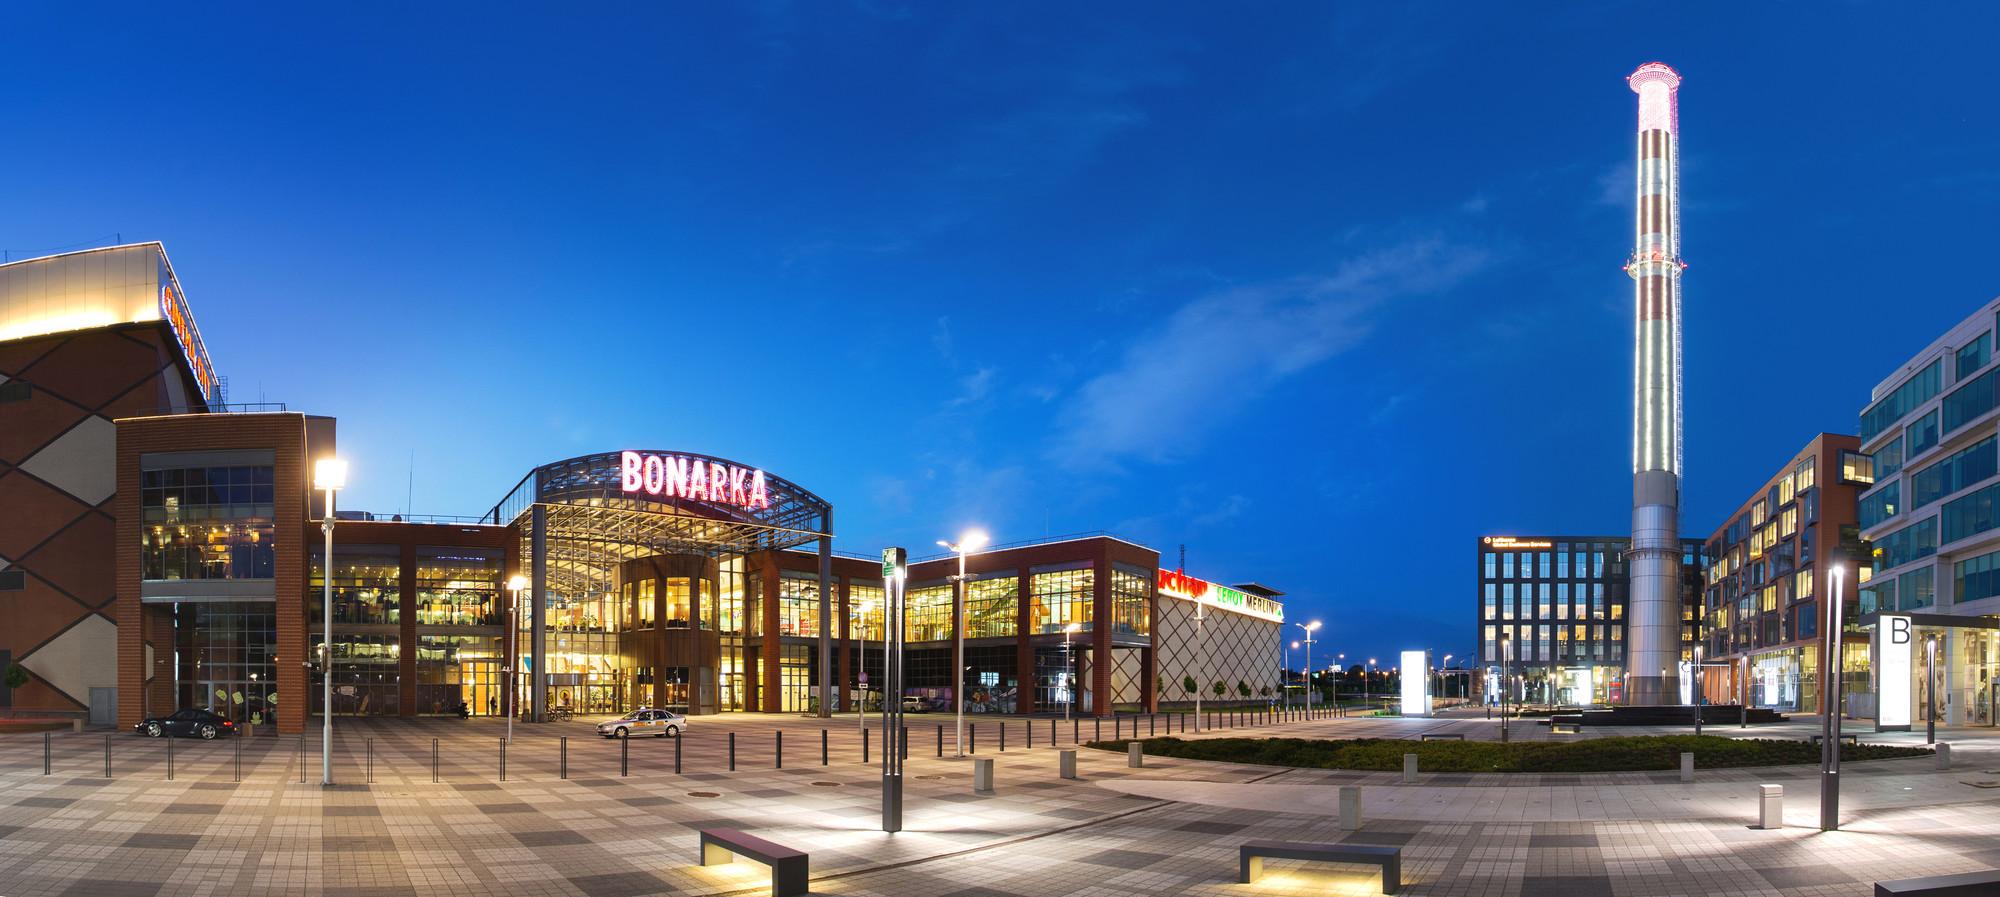 Bonarka Shopping In Krakow Krakow